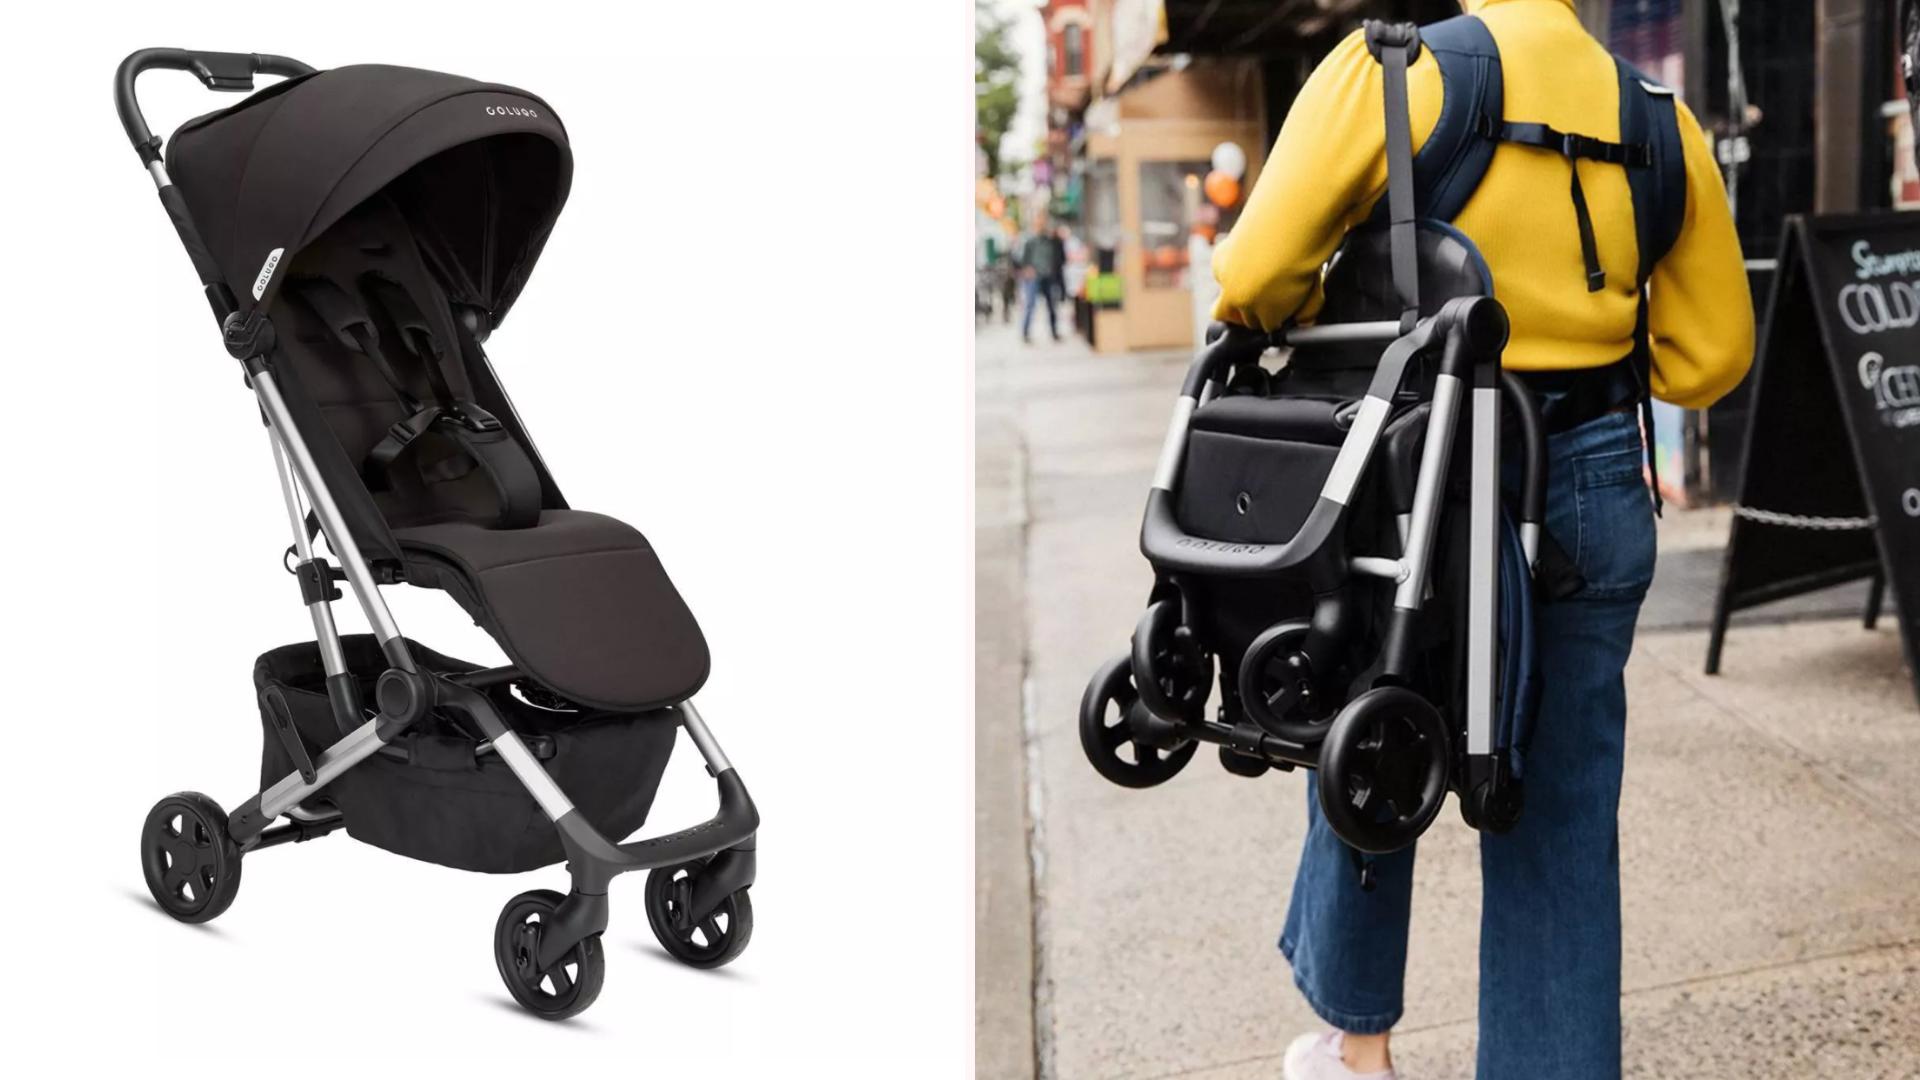 A mother carrying a black Colugo stroller over her shoulder.